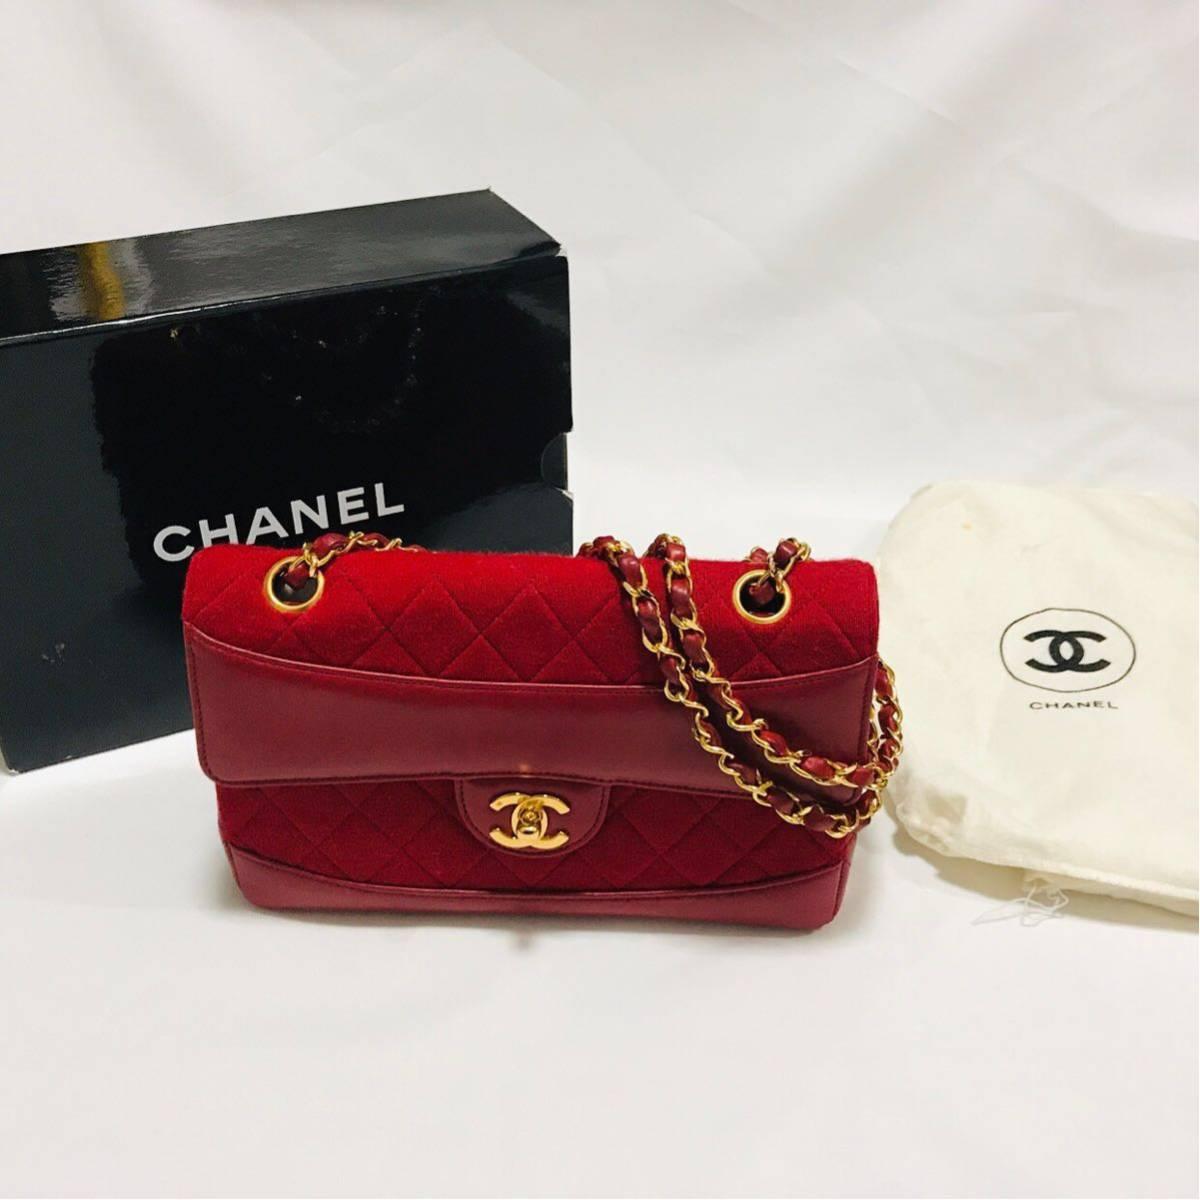 美品 本物保証 シャネル マトラッセ ダブルチェーン ラムスキン 赤 ハンド ショルダー バッグ 箱、保存袋、シール有り